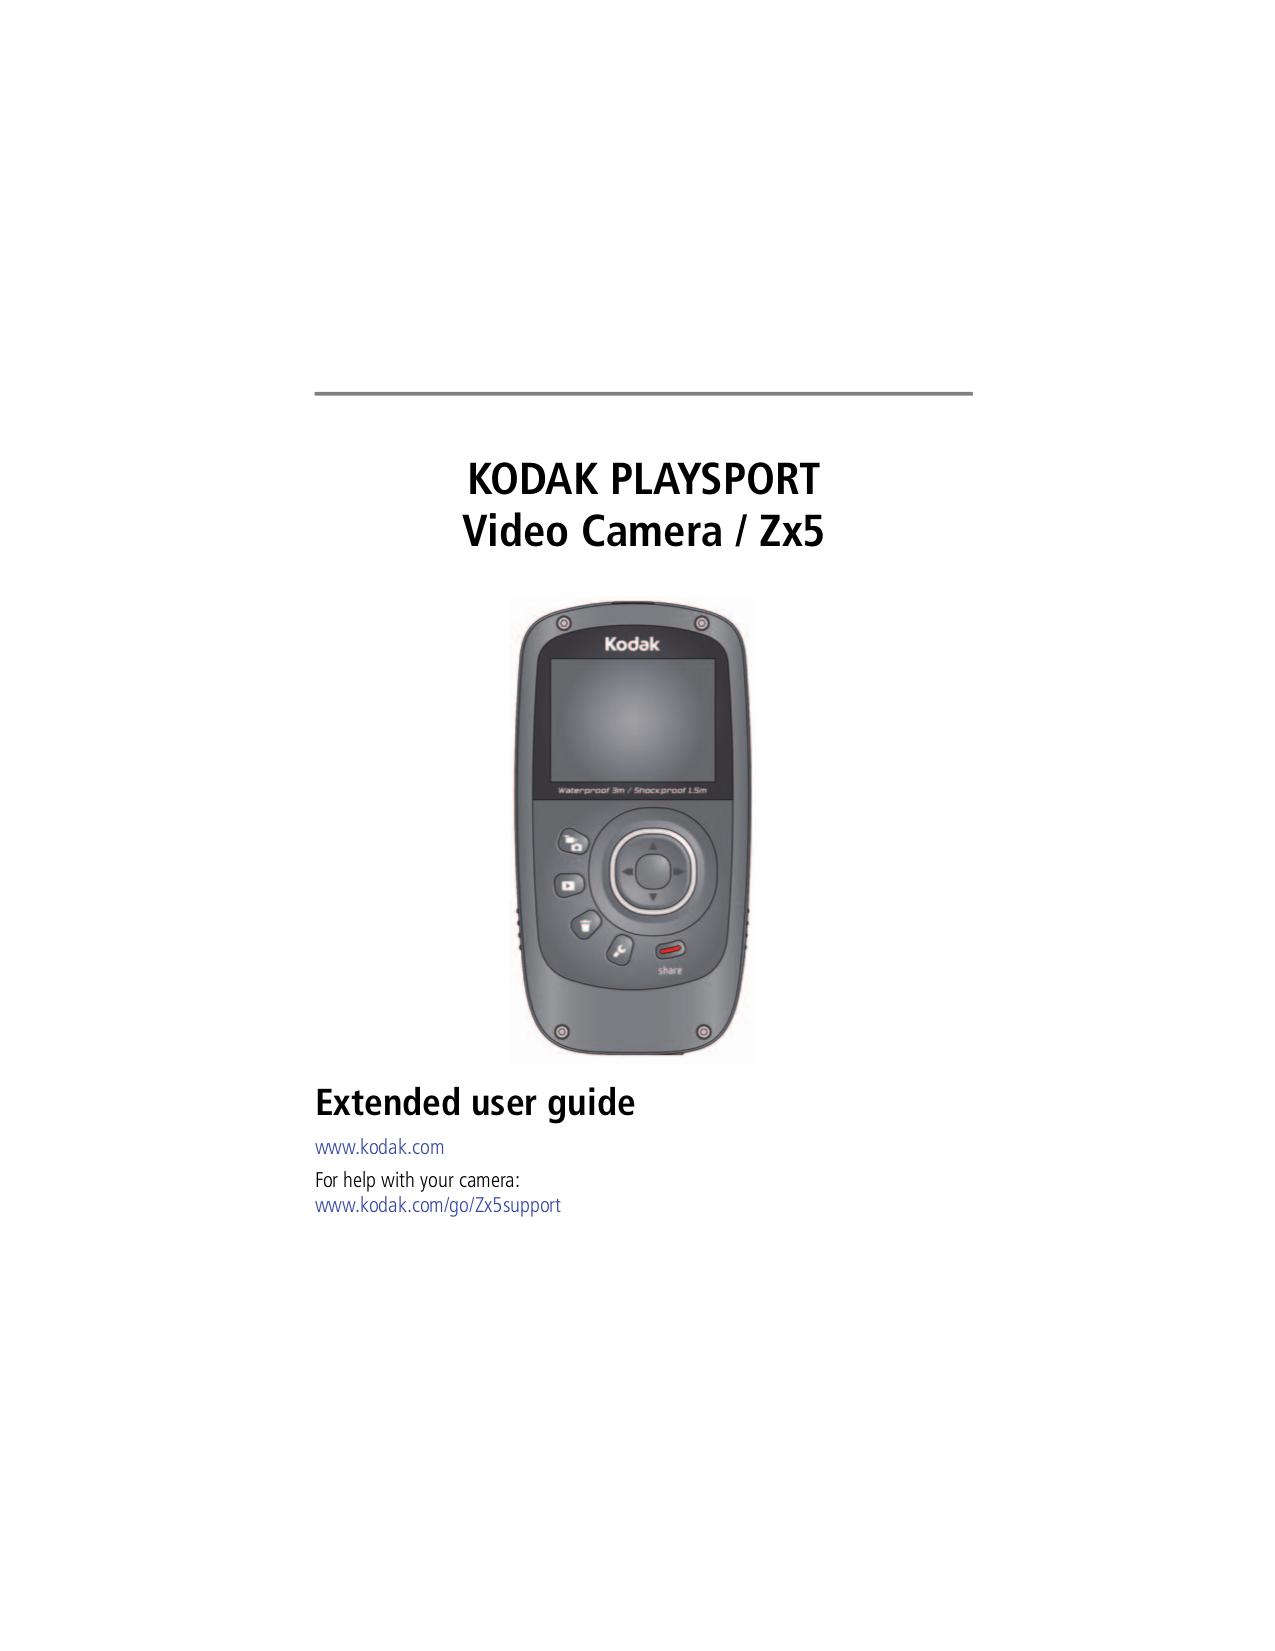 pdf for Kodak Camcorders PlaySport manual